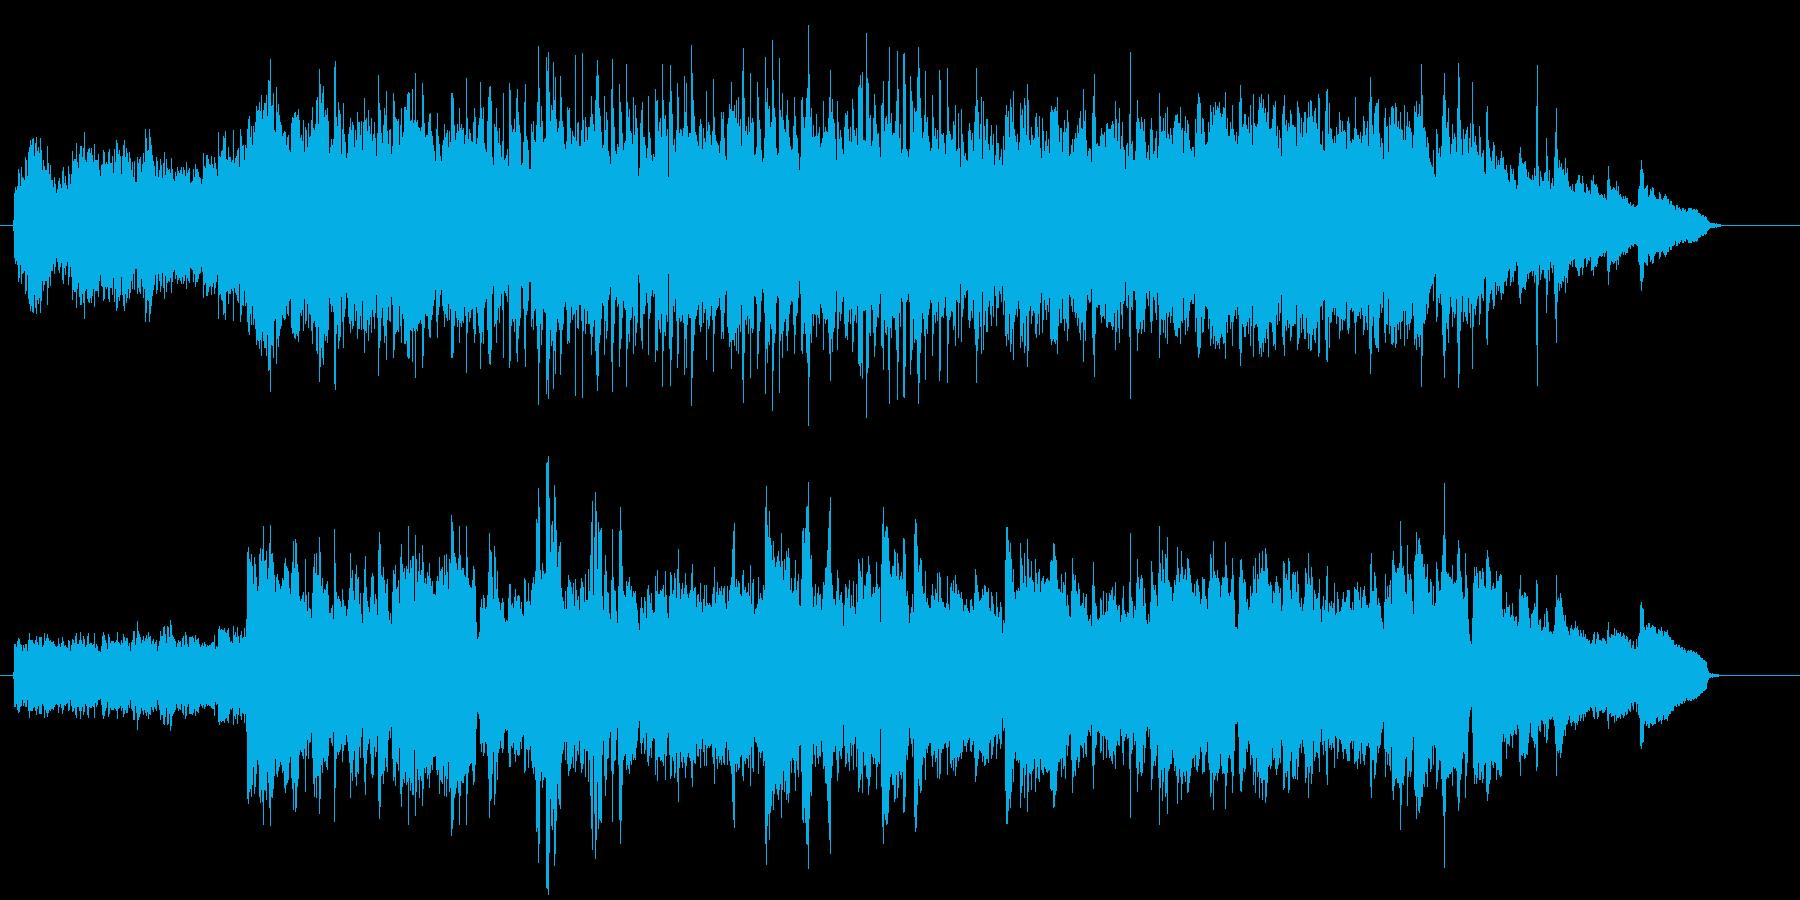 気品のあるストリングスとピアノの調べの再生済みの波形